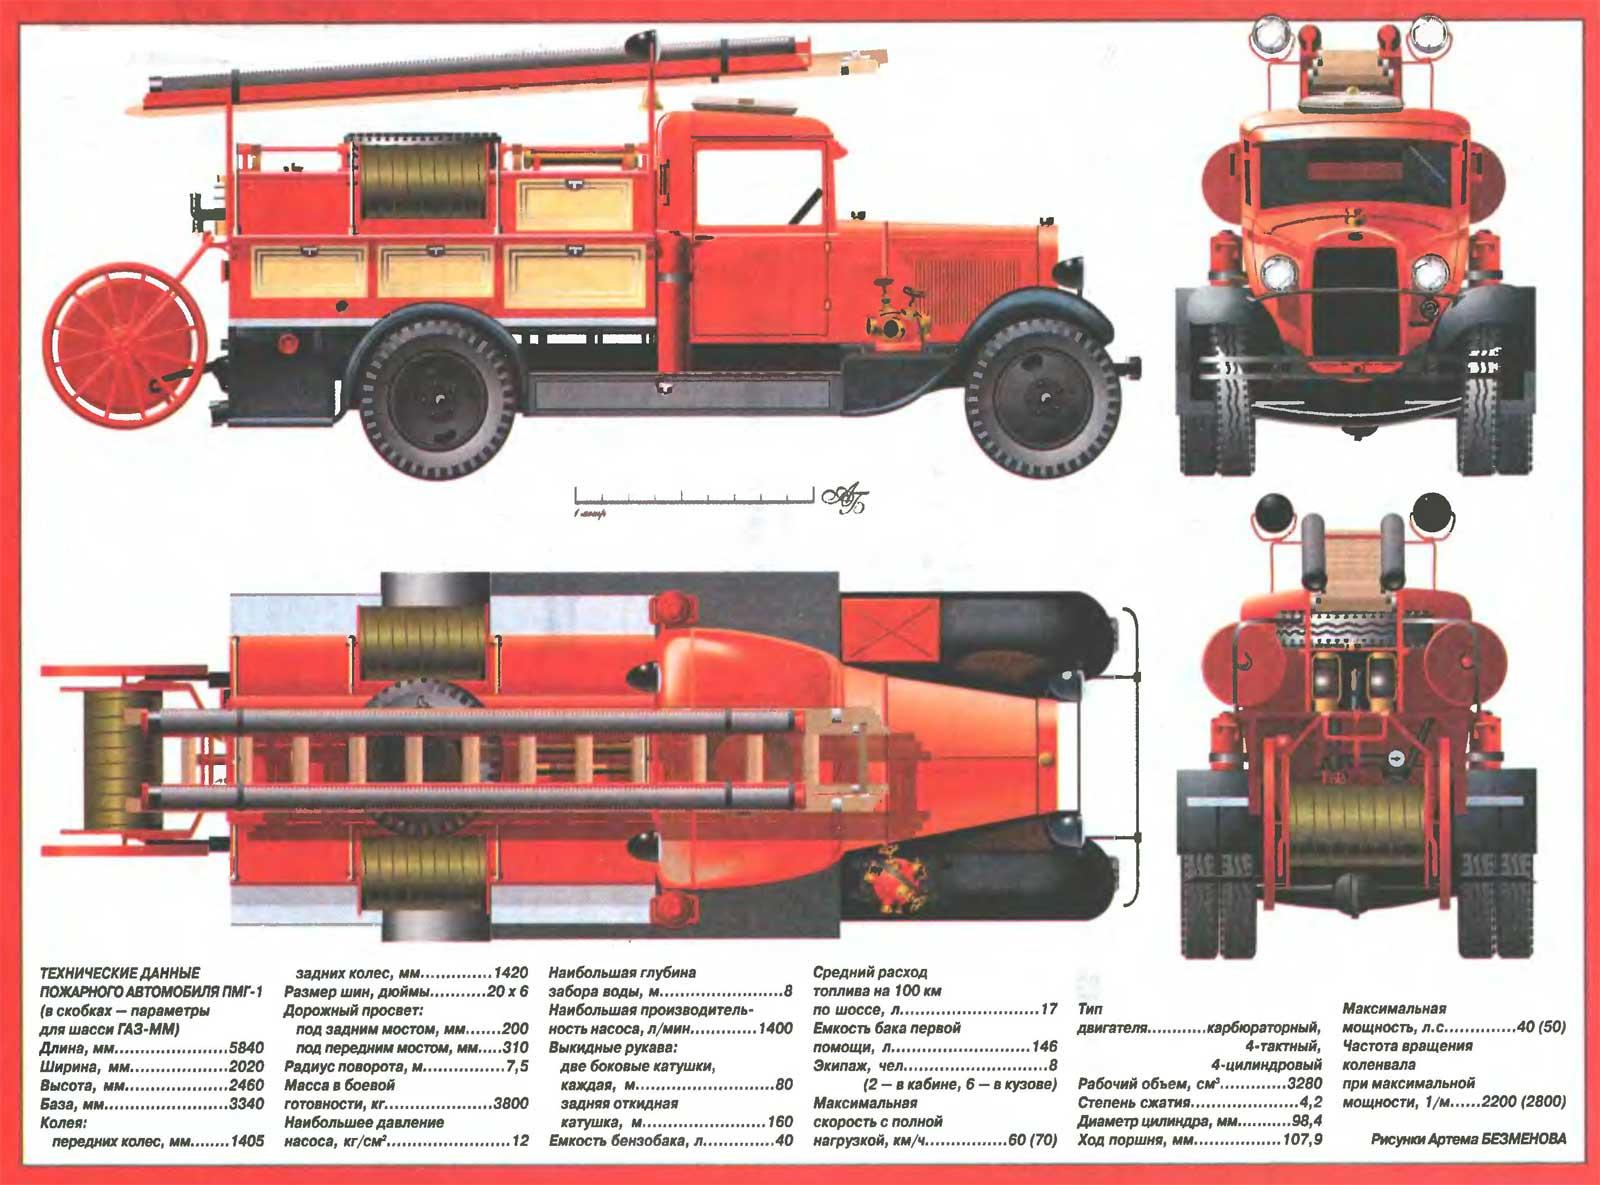 Пожарный автомобиль ПМГ-1. Россия, 1930-40-е годы